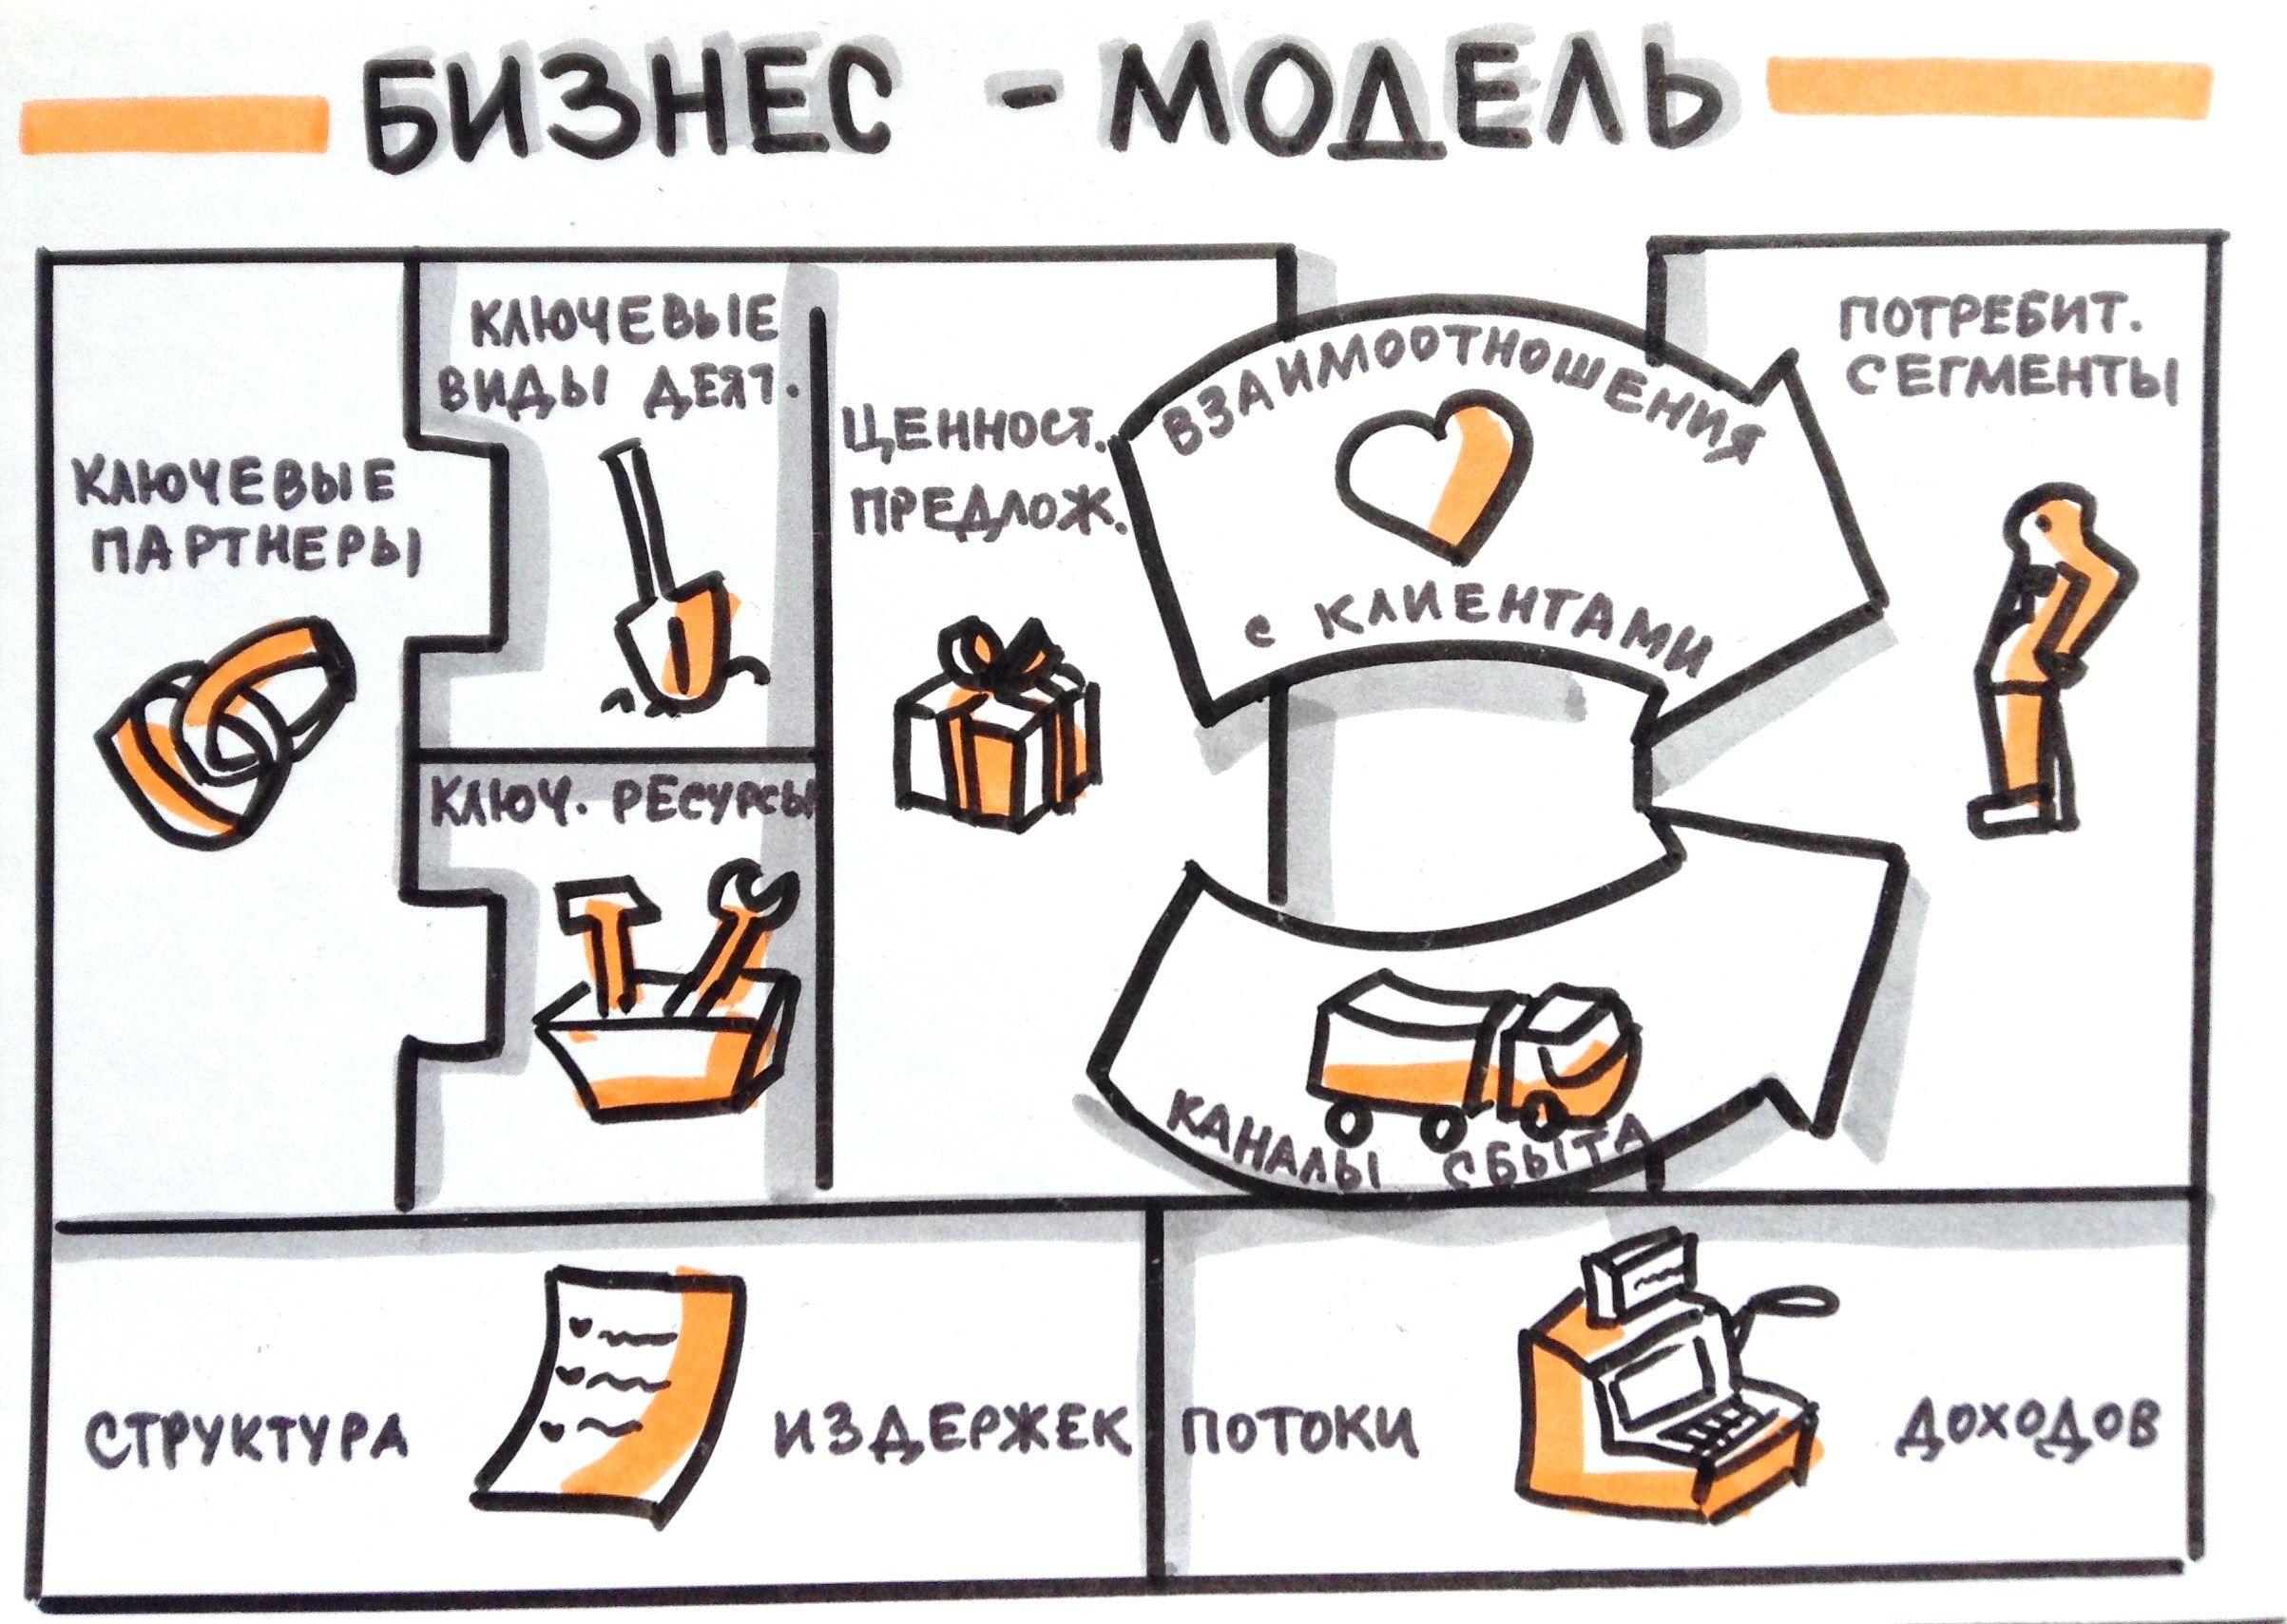 Картинки для бизнес-модели